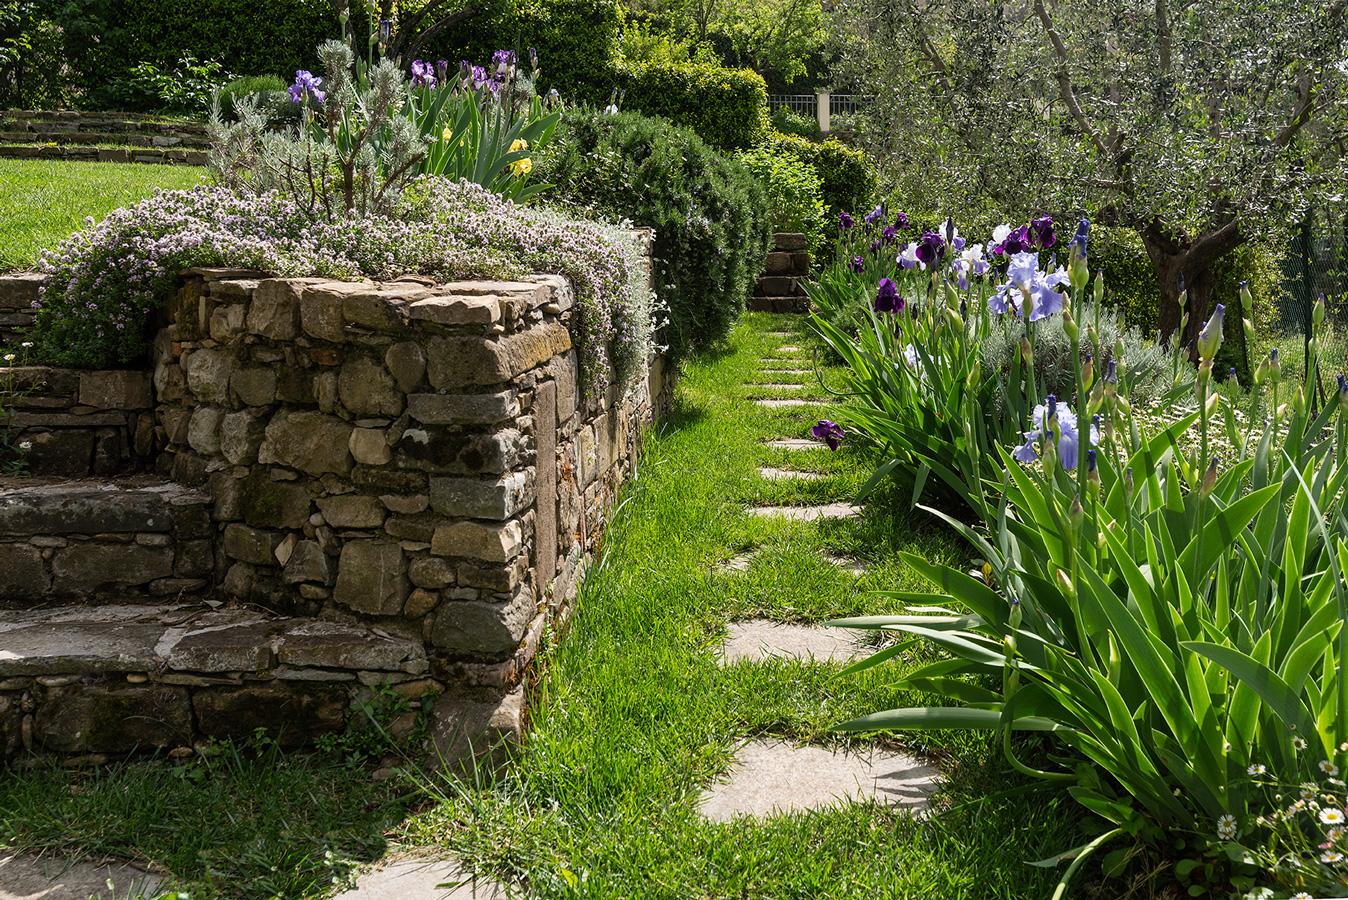 Iris in fiore ai bordi dei camminamenti in pietra